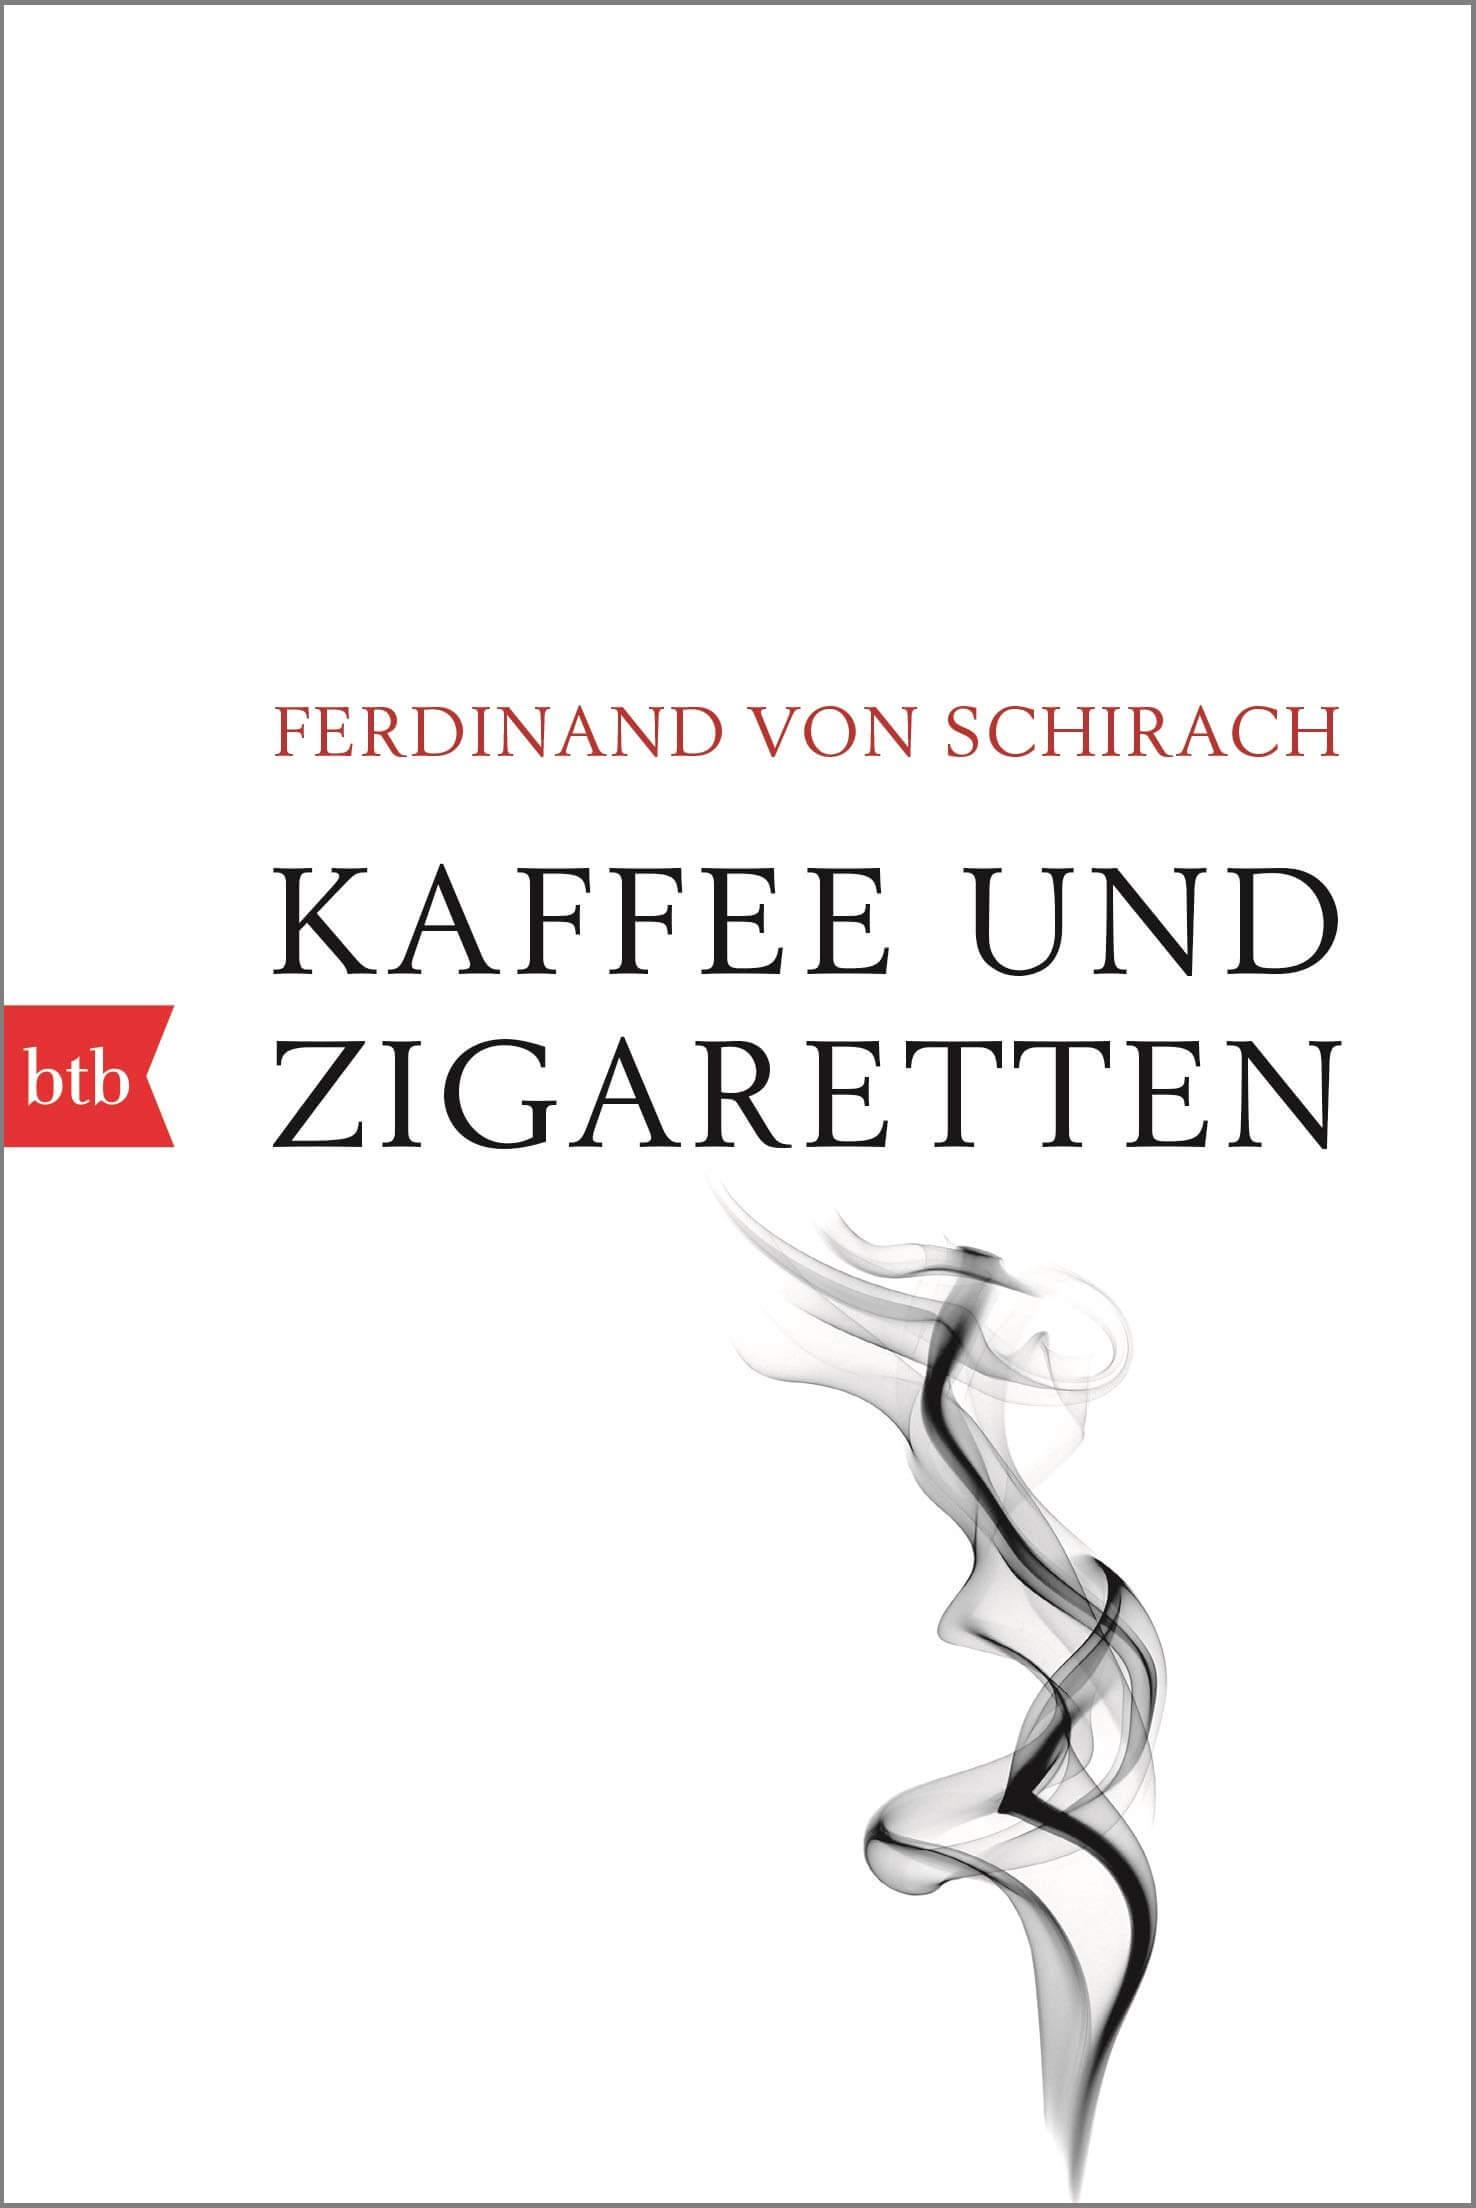 Kaffee und Zigaretten Ferdinand von Schirach